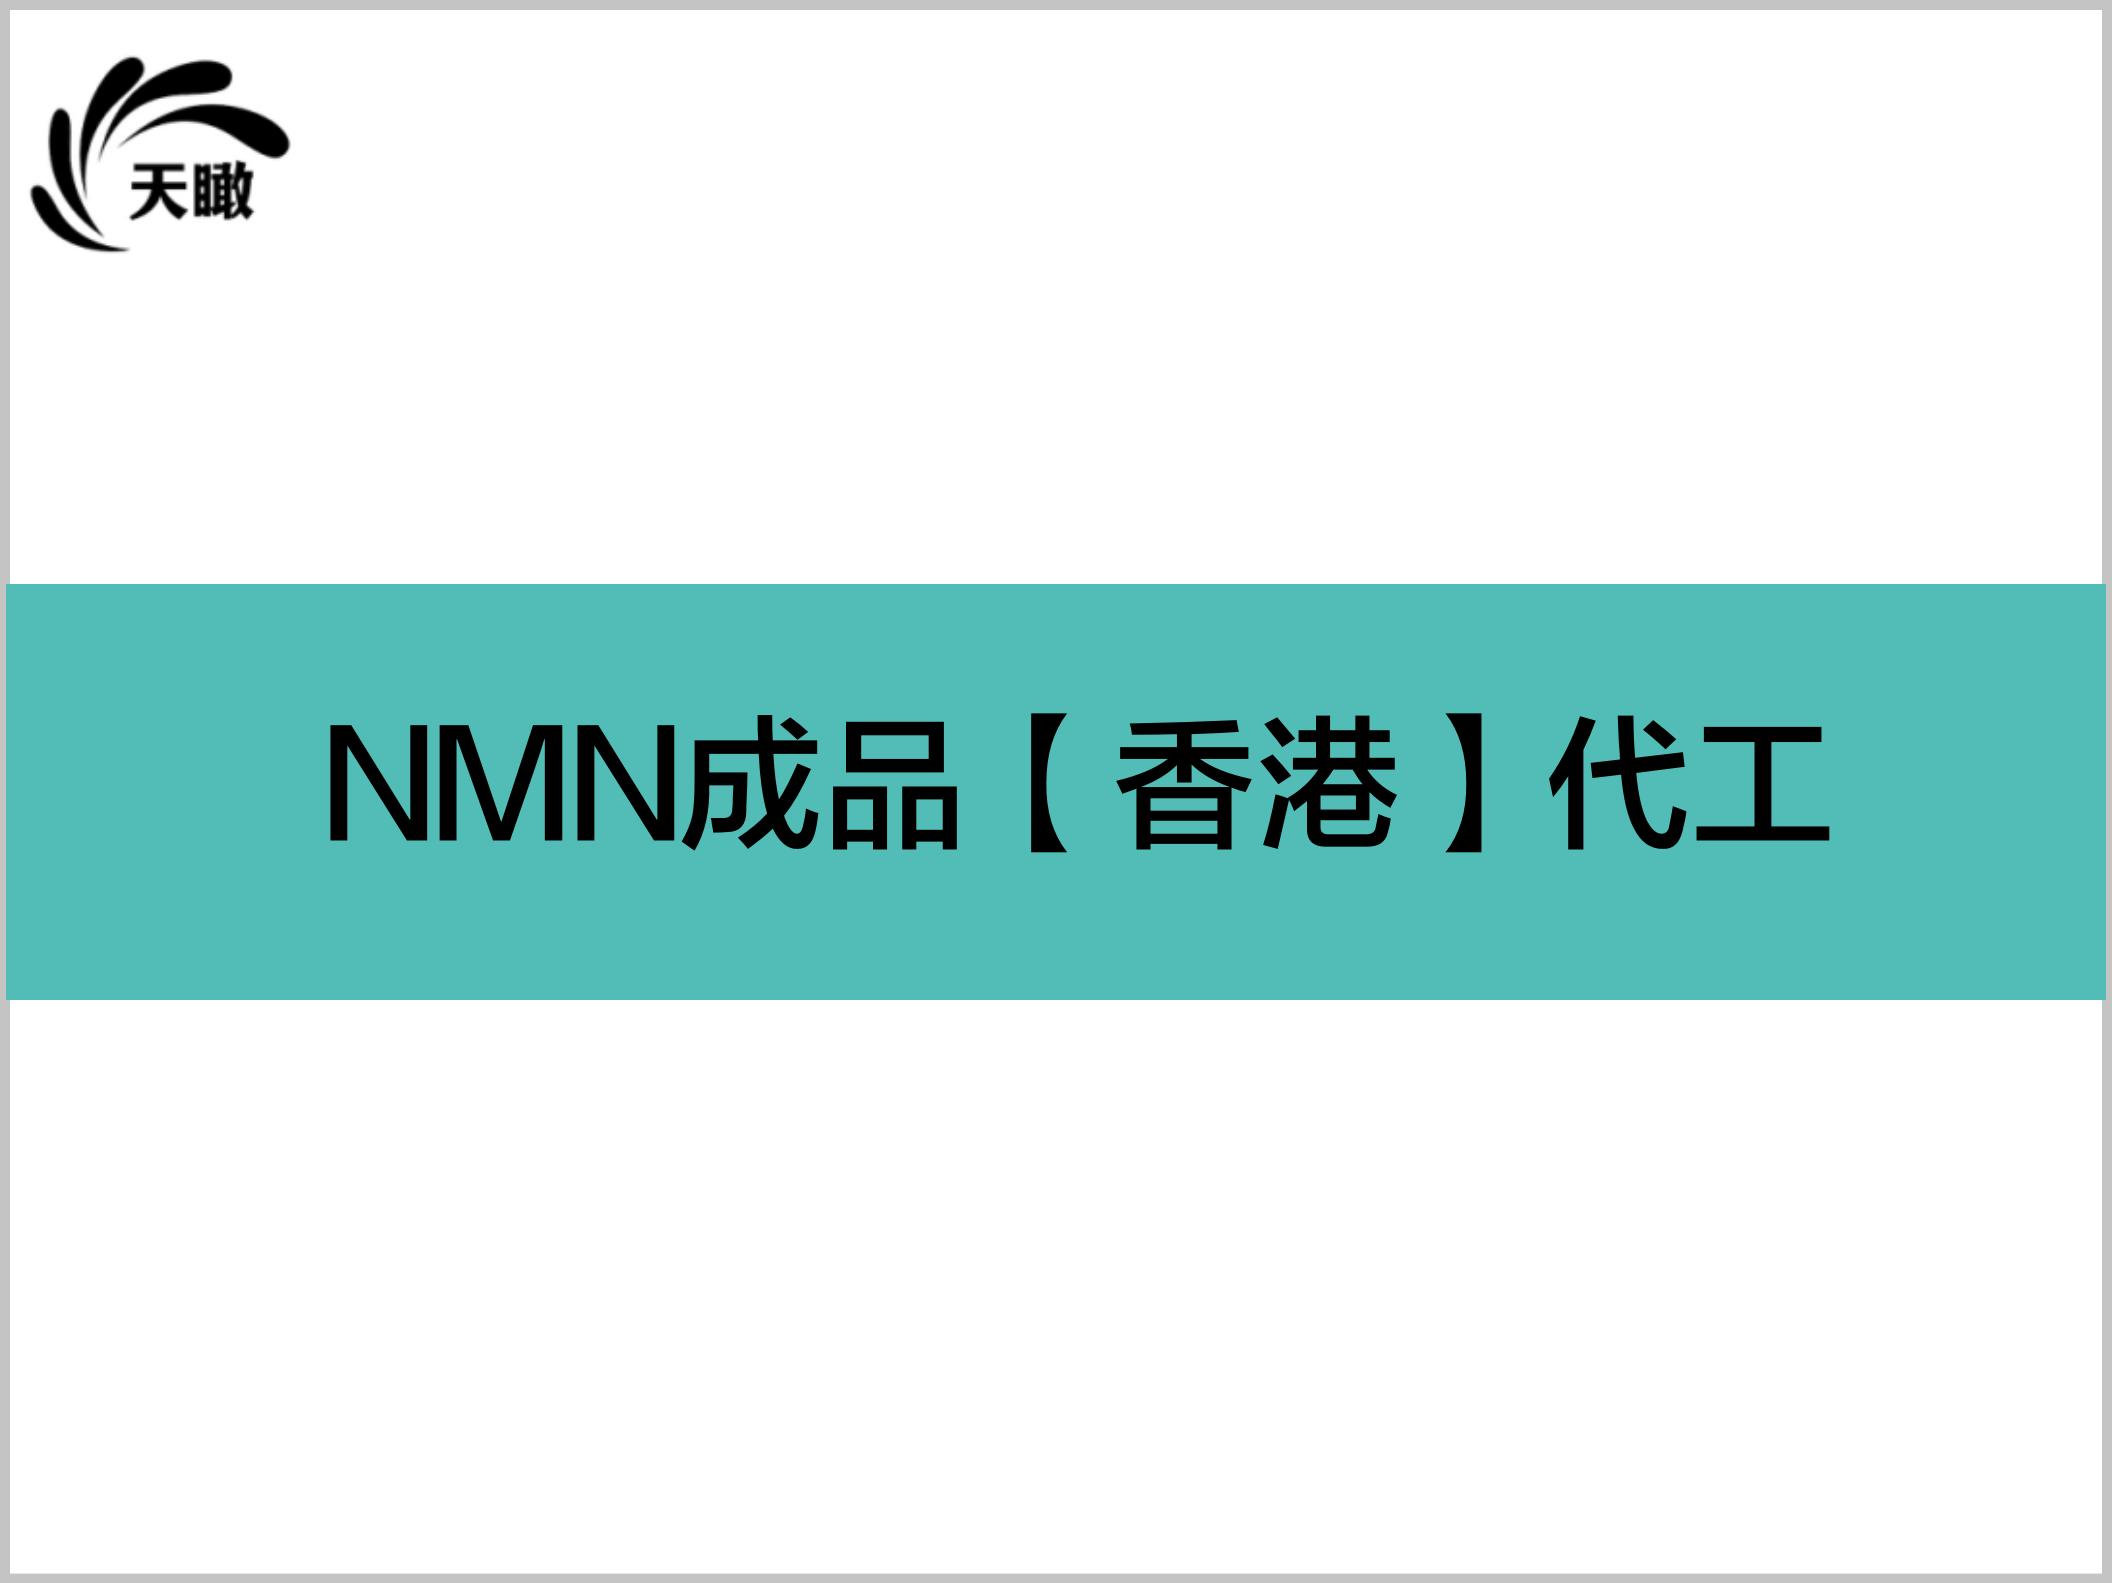 NMN成品【香港】代工